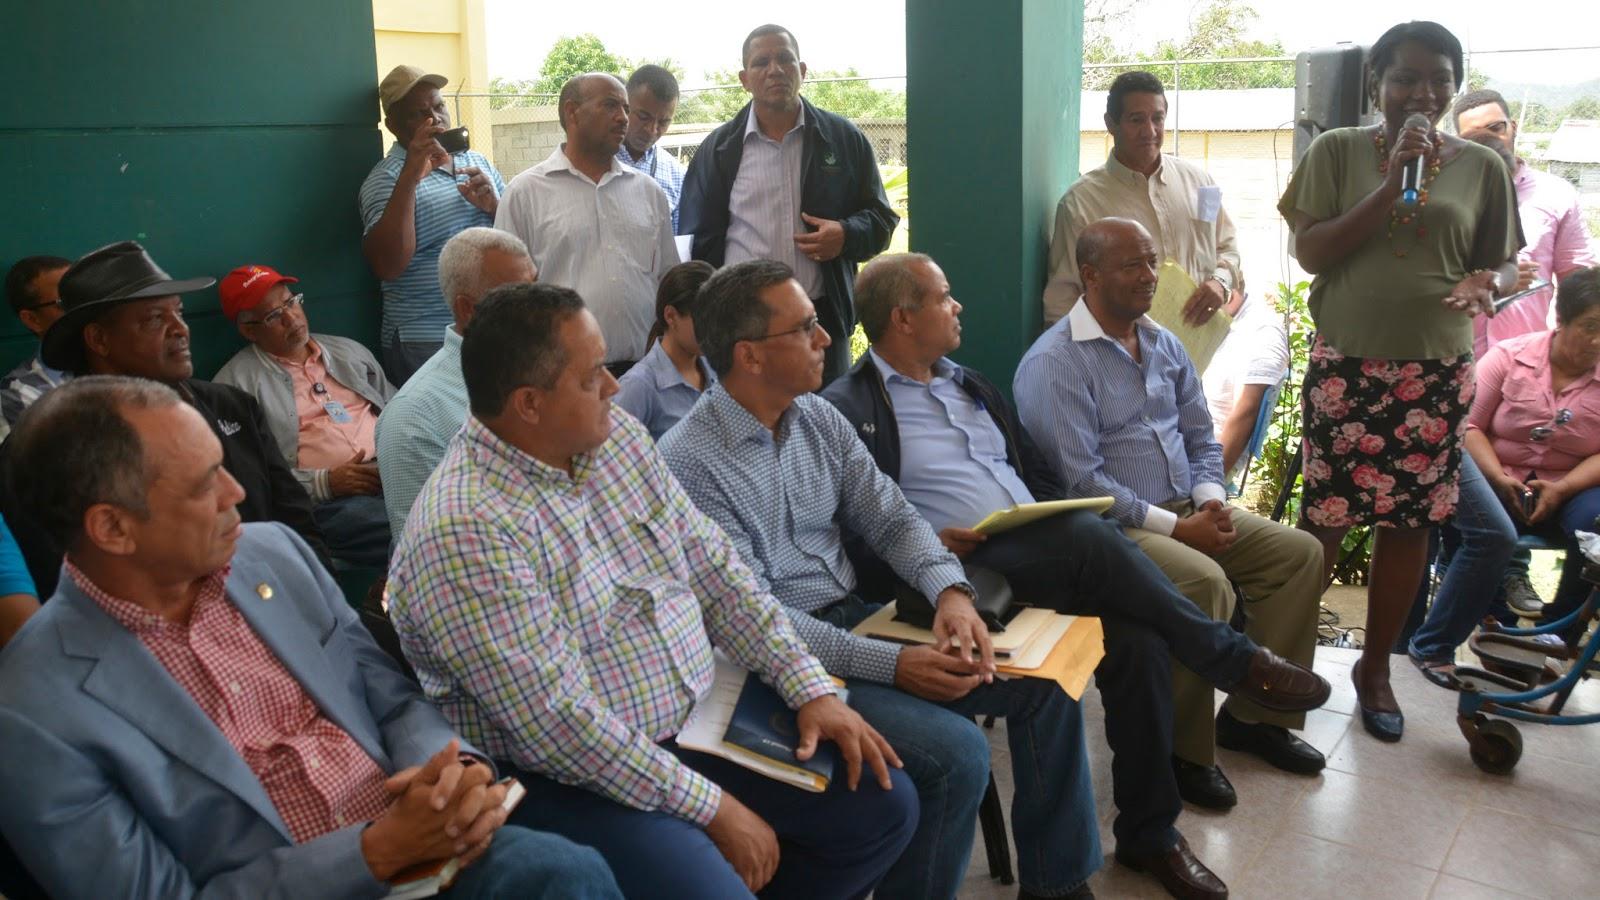 Visita Sorpresa 179: comisión formaliza acuerdos con productores de Hato Mayor